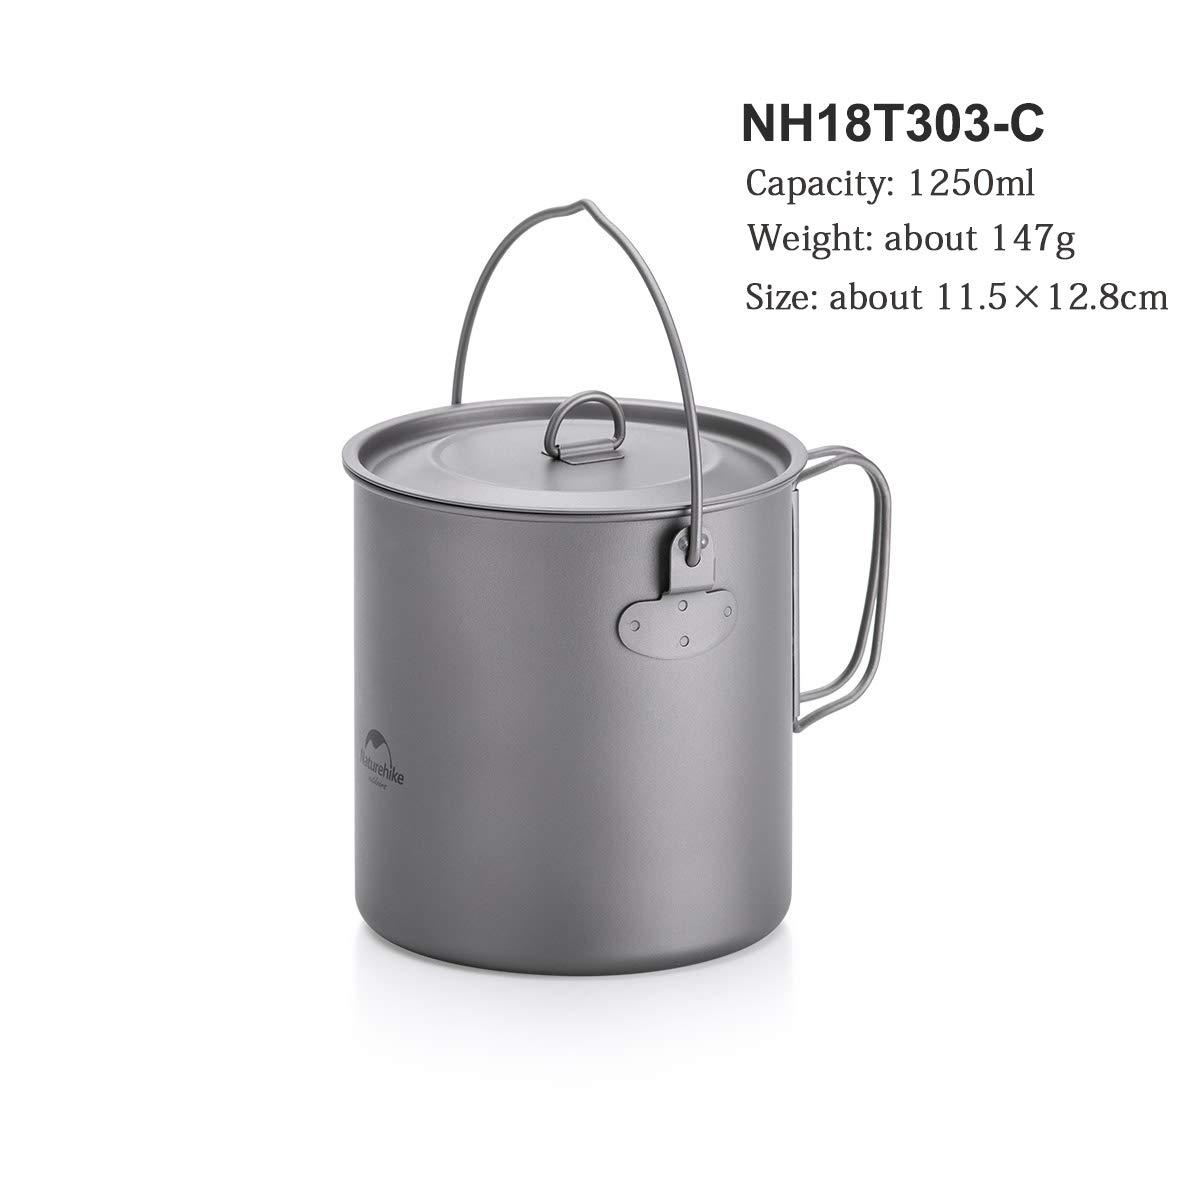 Nồi du lịch đa năng Titanium Naturehike NH18T303-C 1250ml